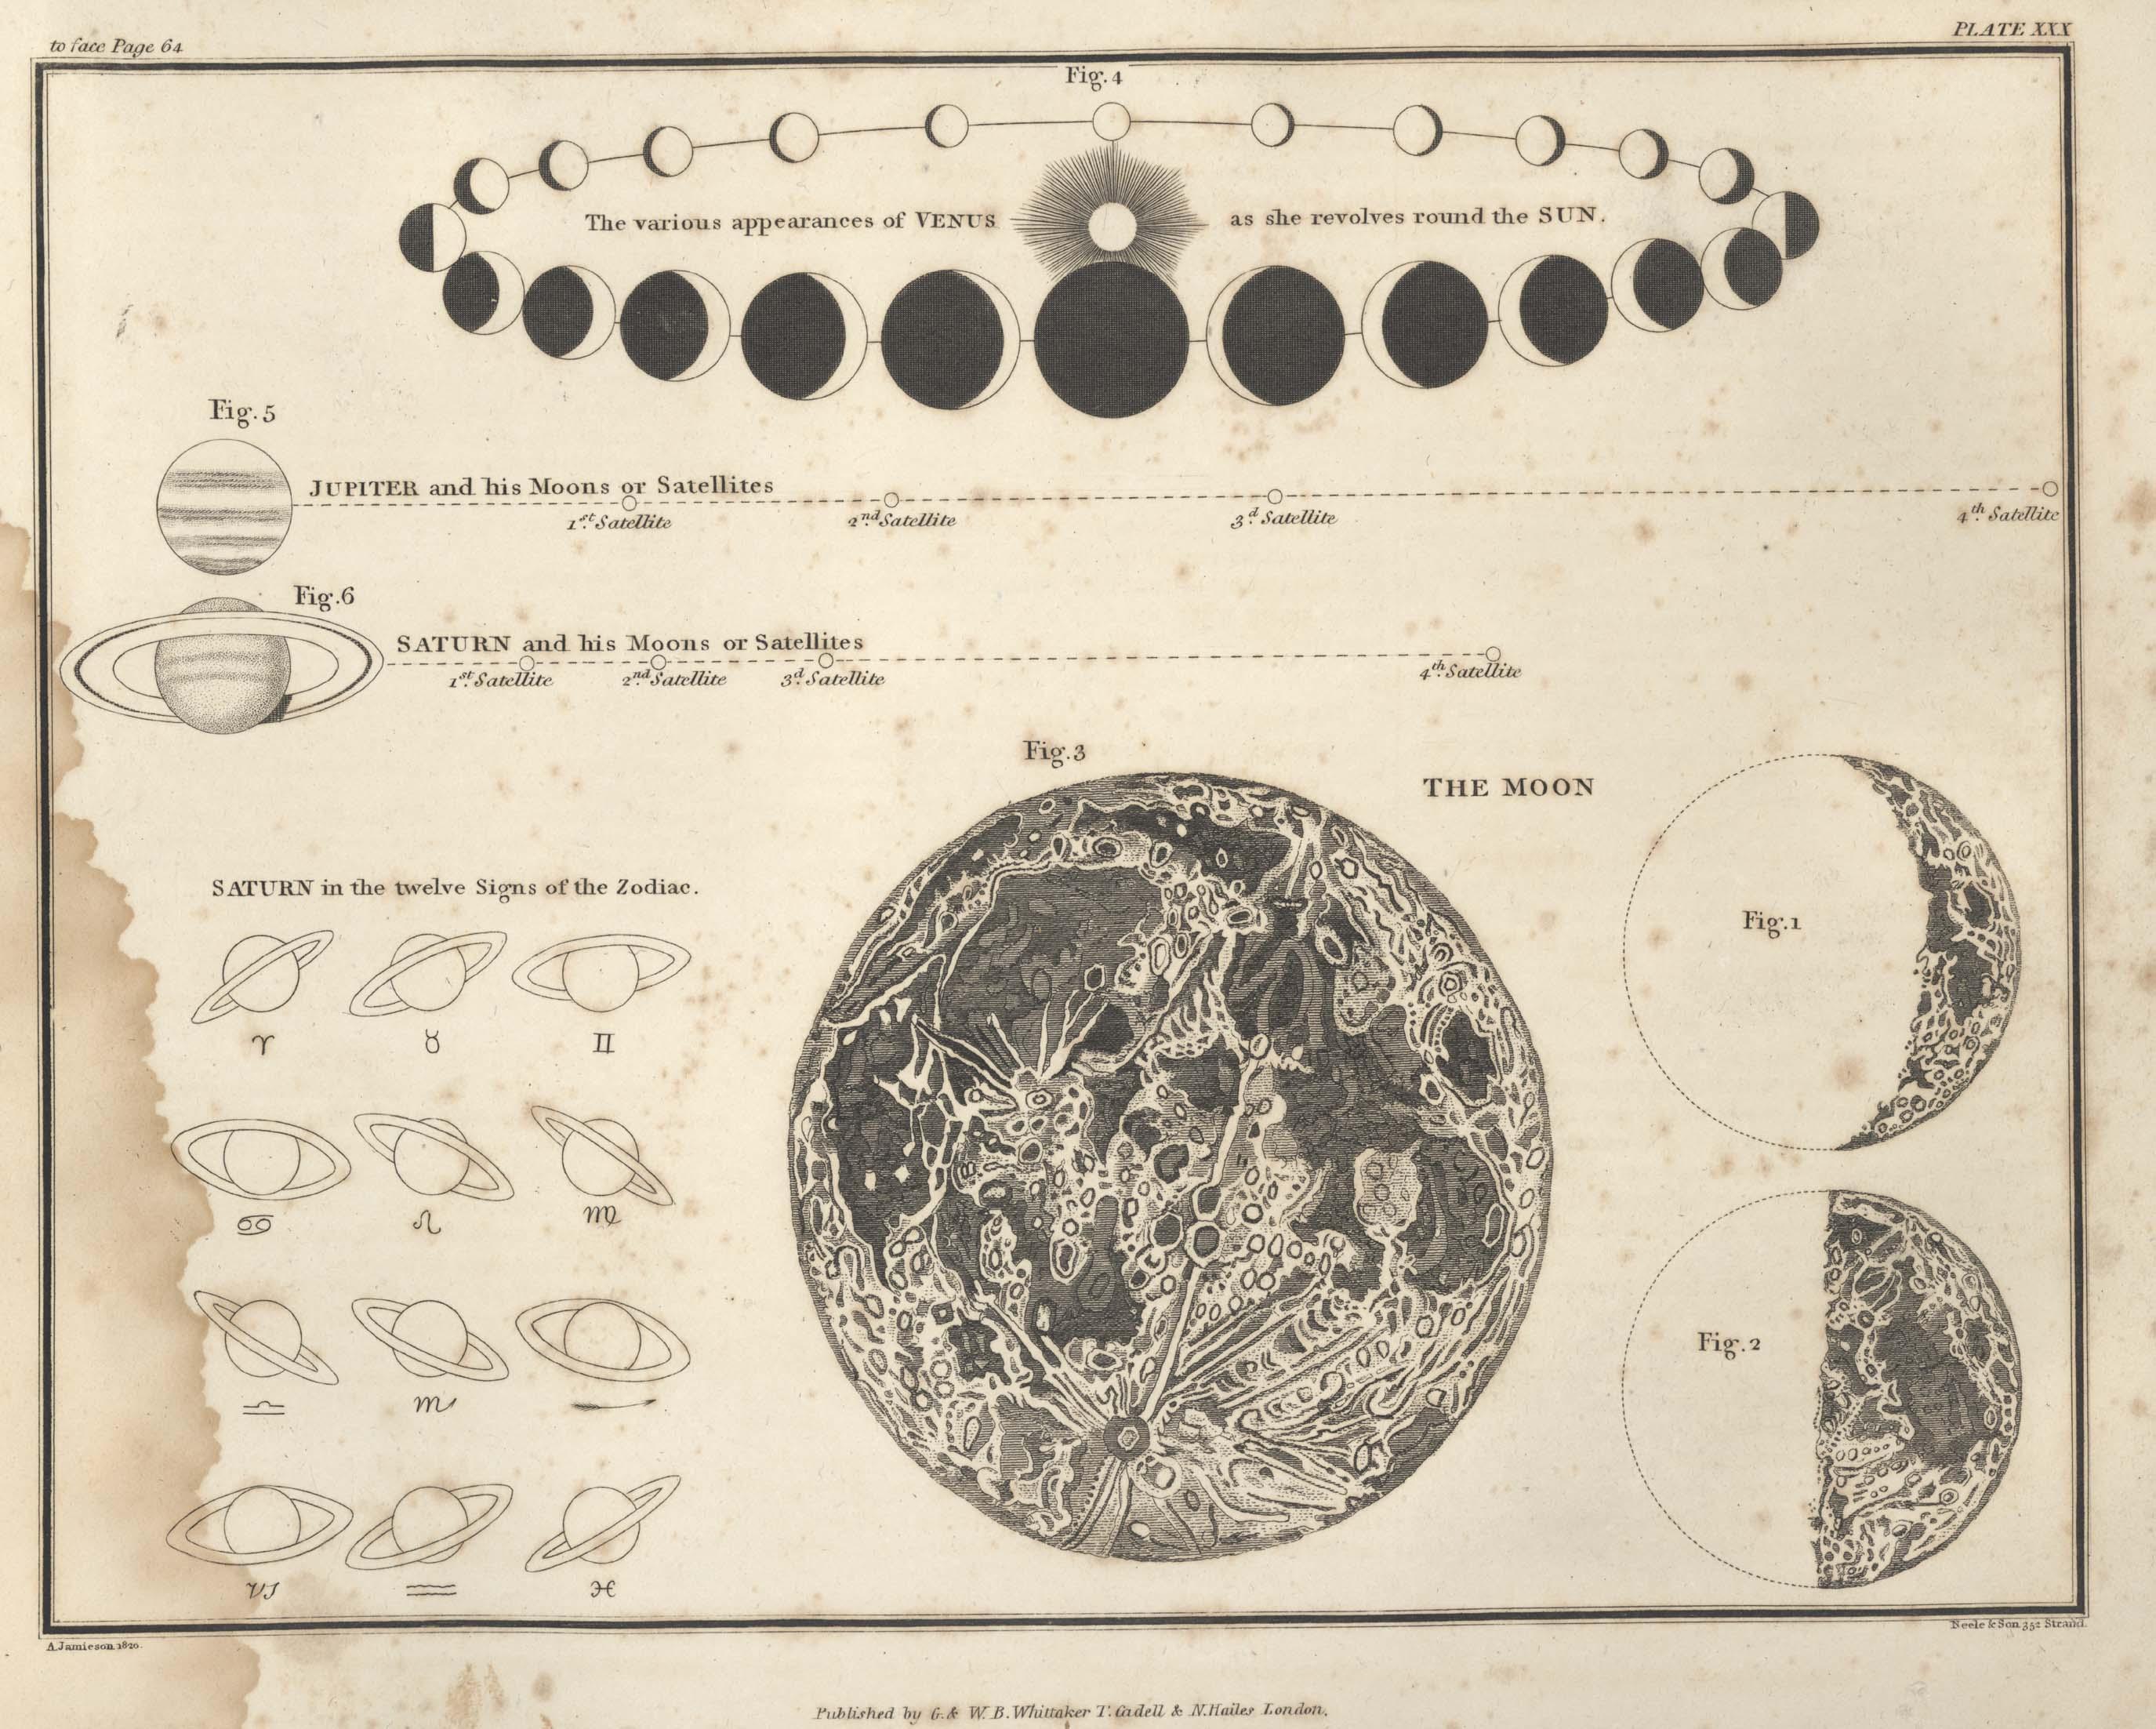 Страница №33: Изображение Луны, Фазы Венеры, изображения Юпитера (с галилеевыми спутниками) и Сатурна